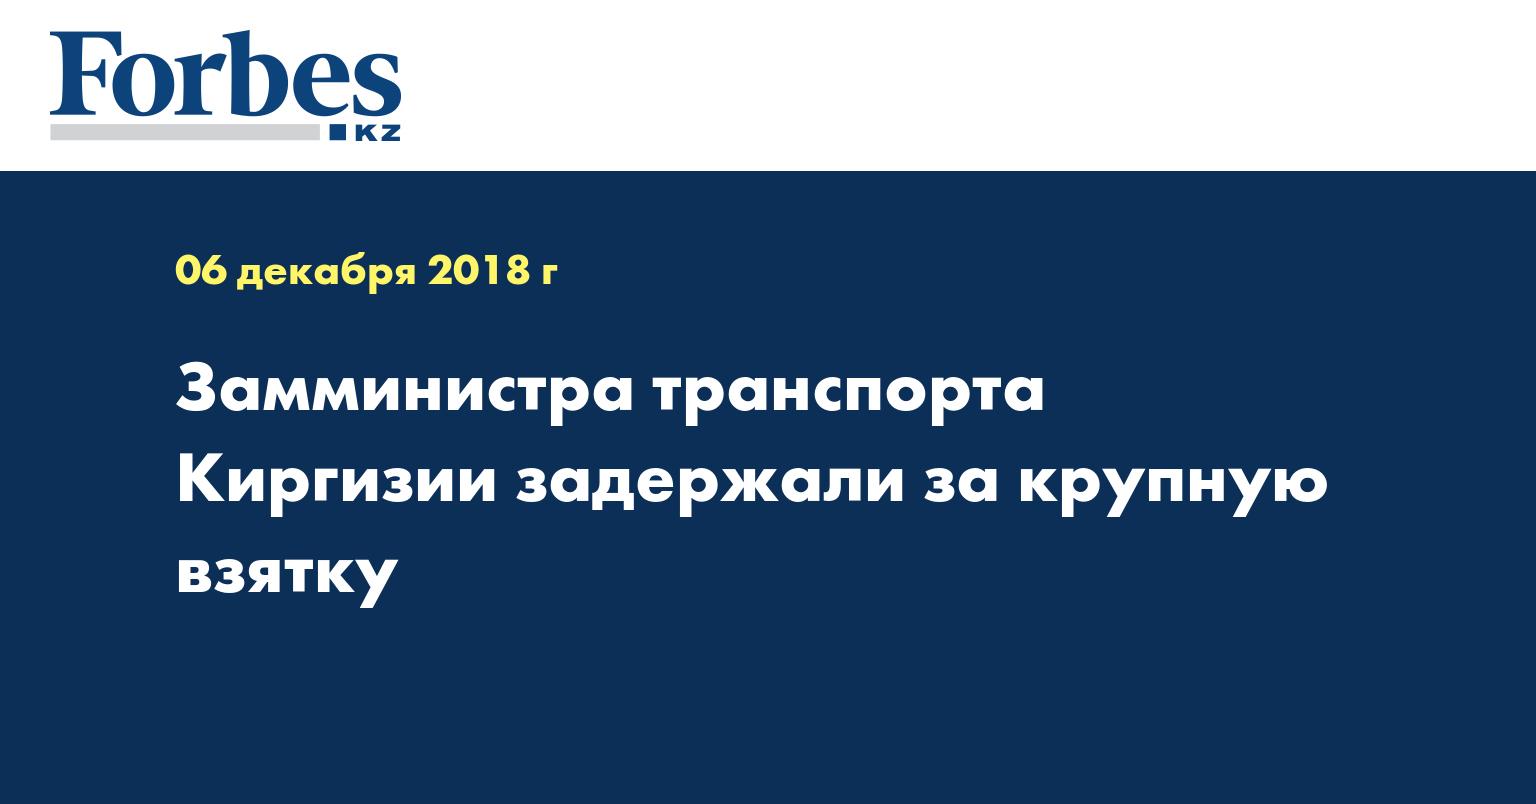 Замминистра транспорта Киргизии задержали за крупную взятку